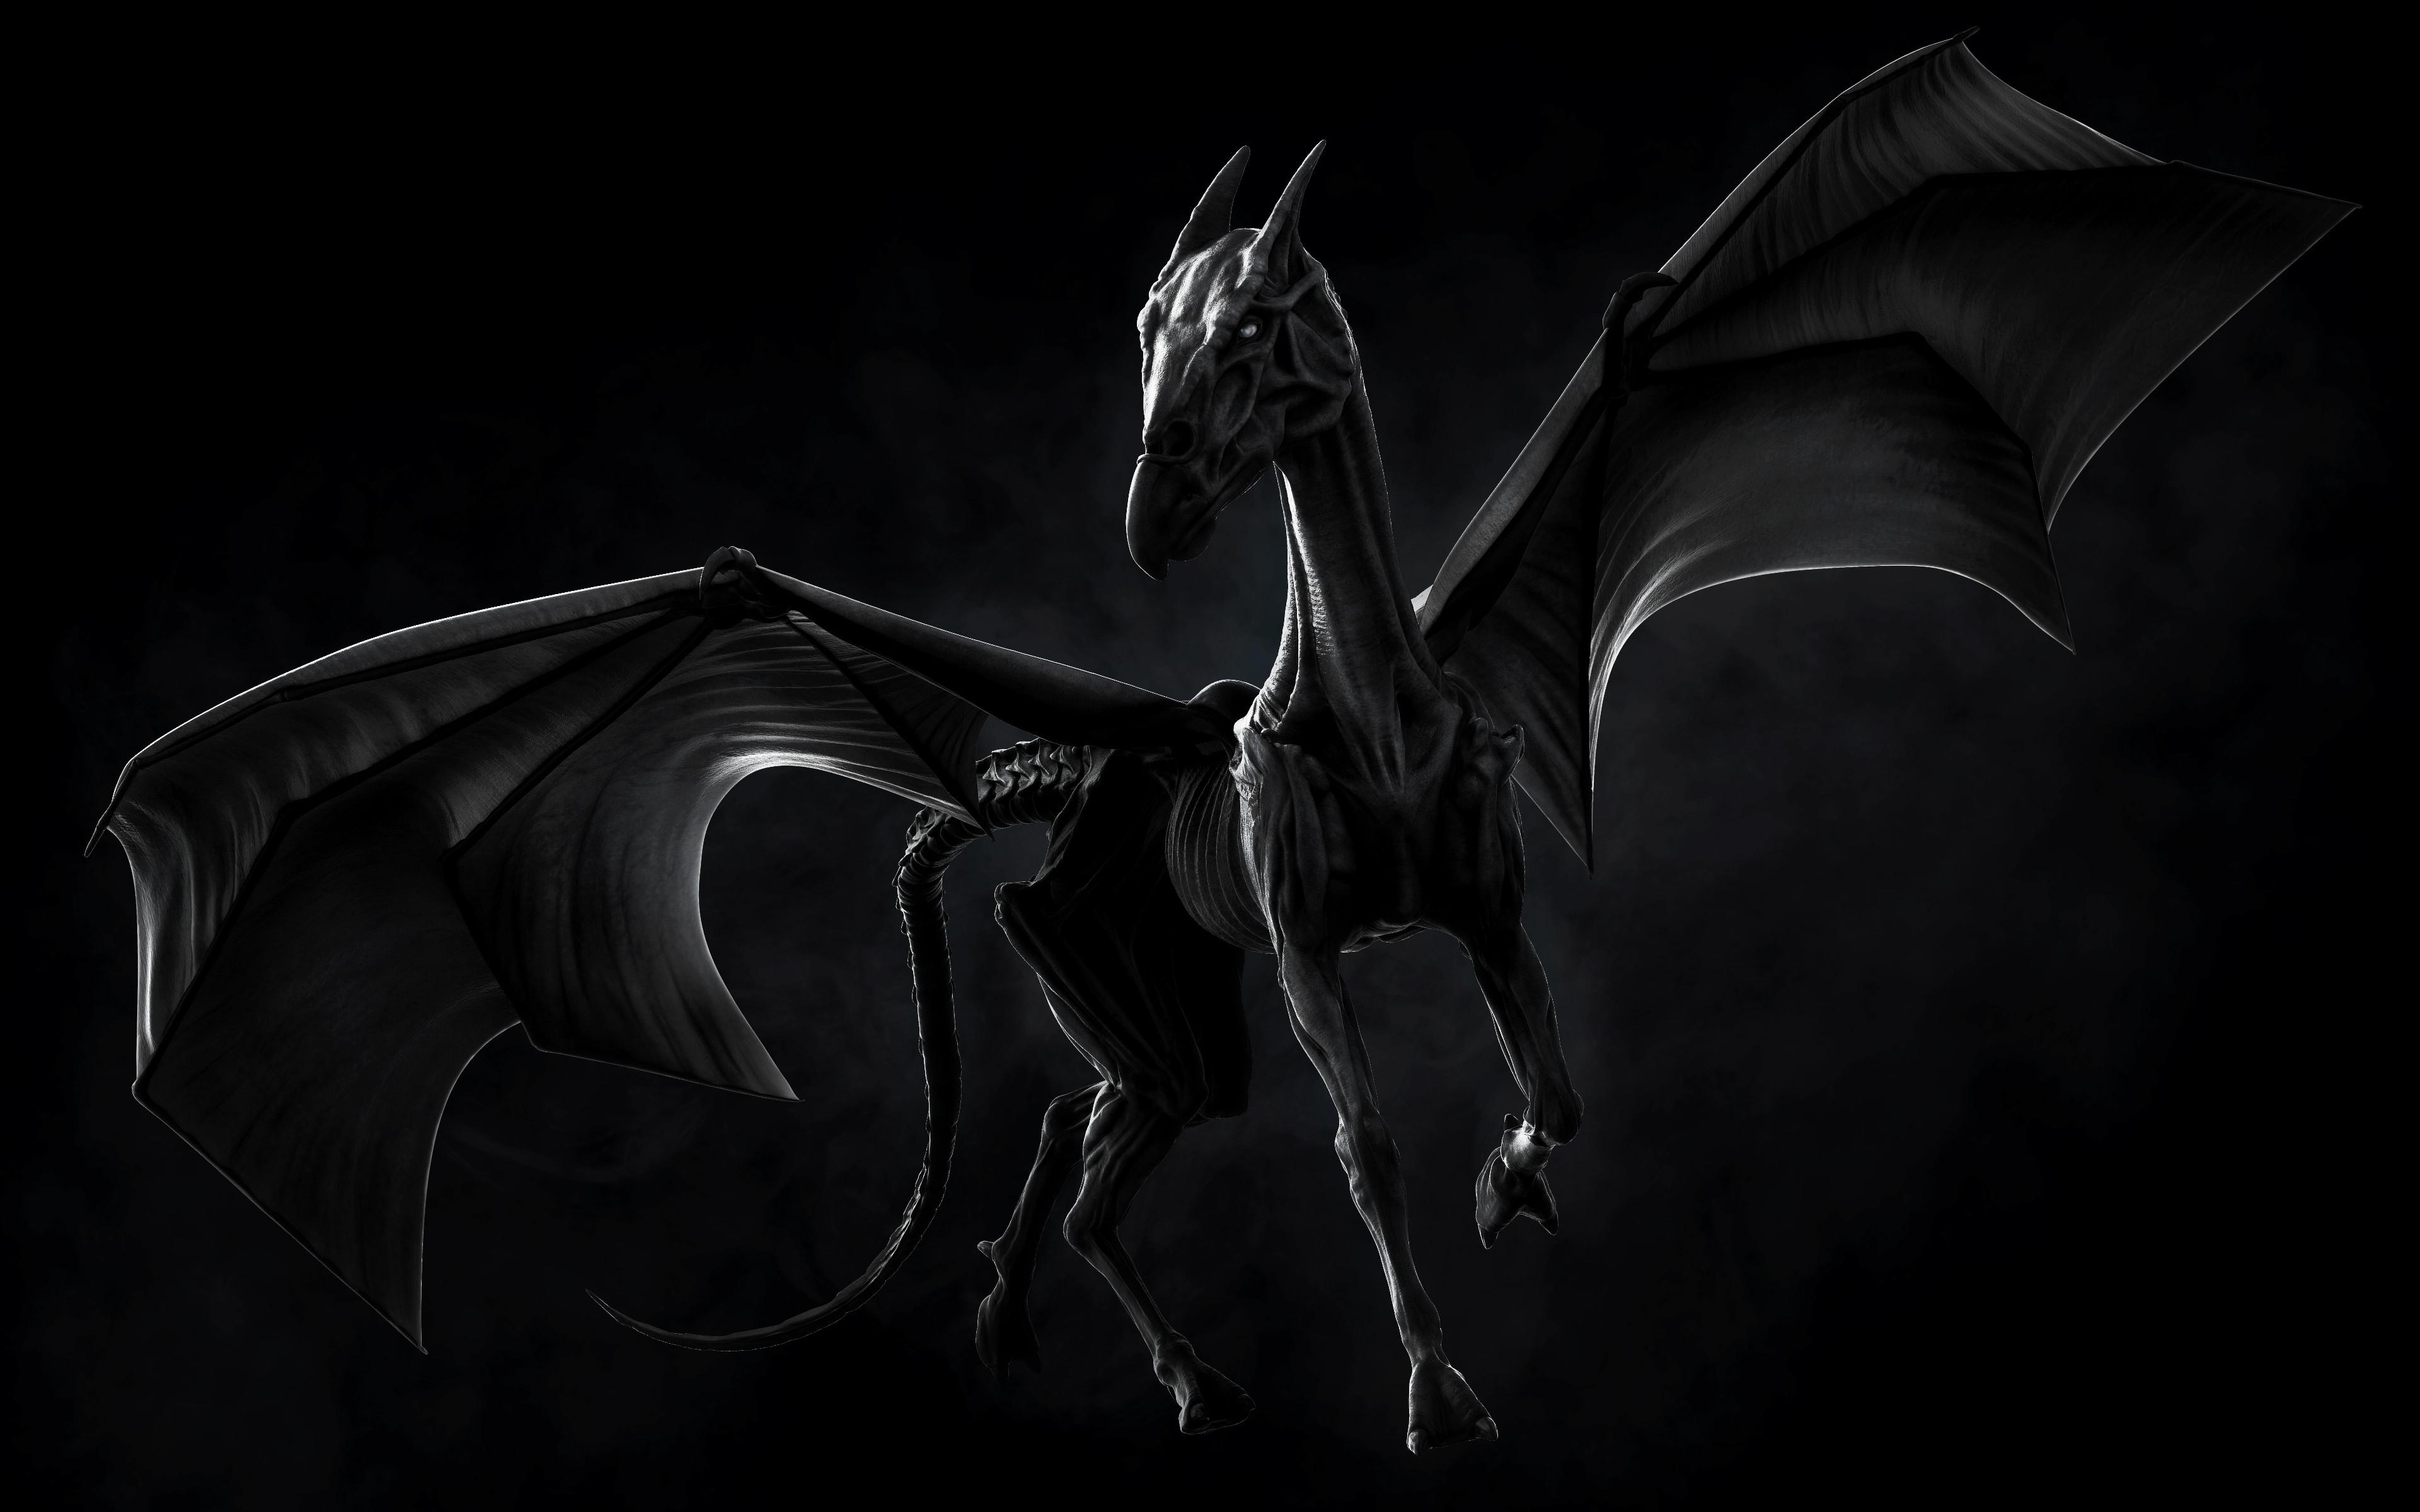 dominic-pugh-thestral-render-composite-v02.jpg